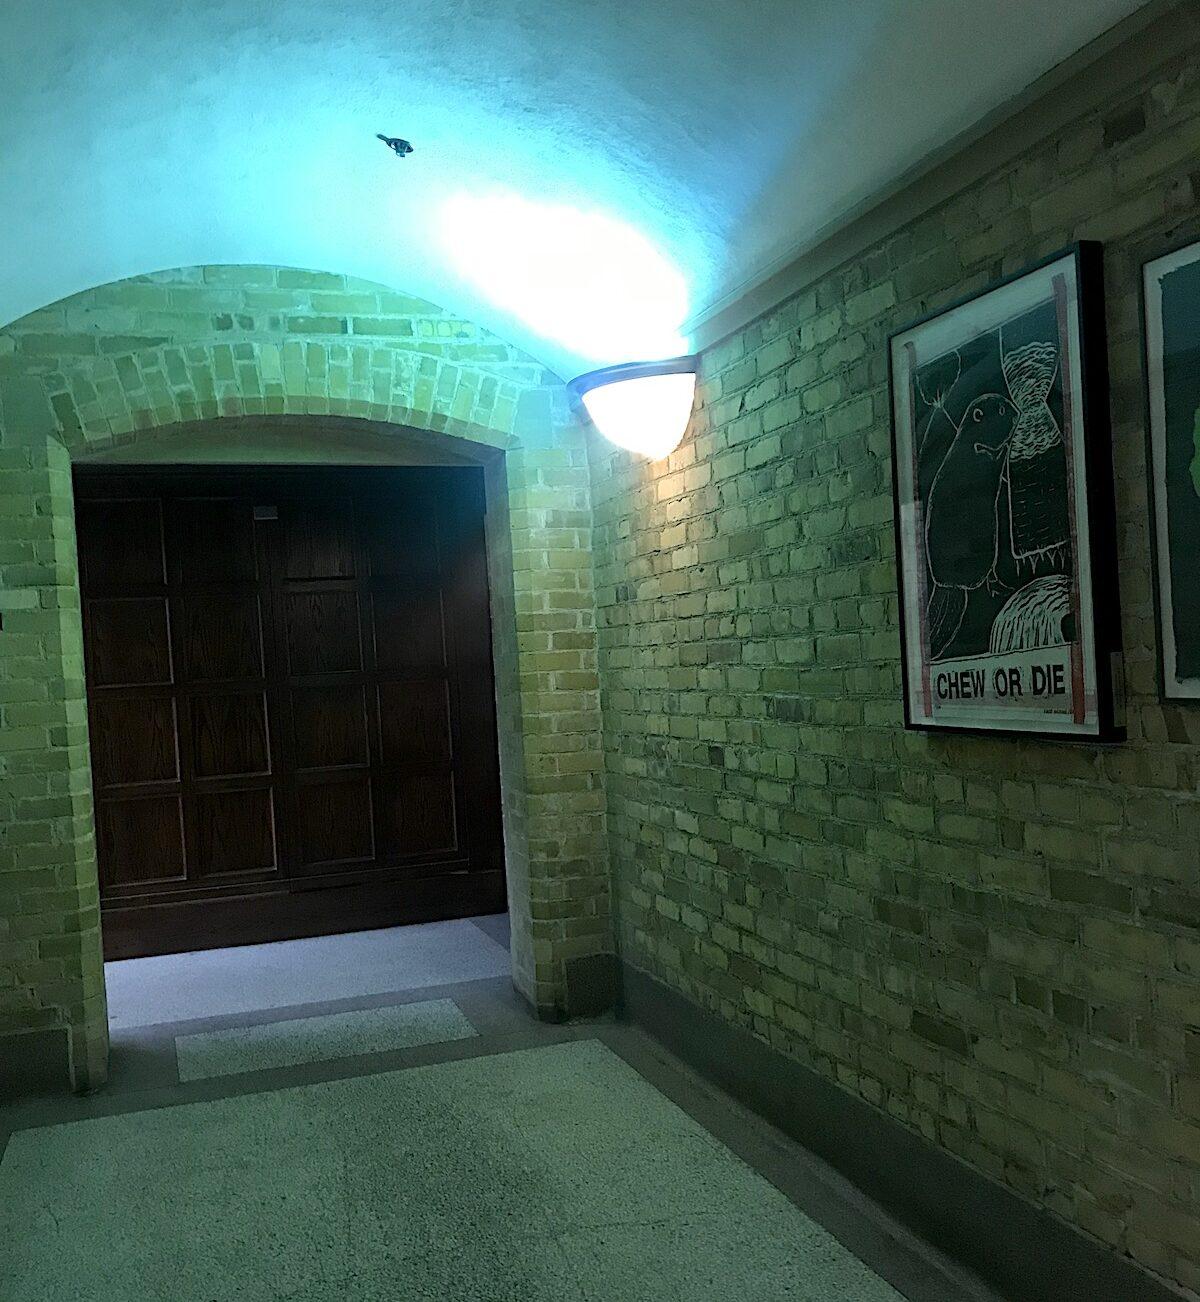 トロント大学のキャンパスでハリーポッターみたいな廊下